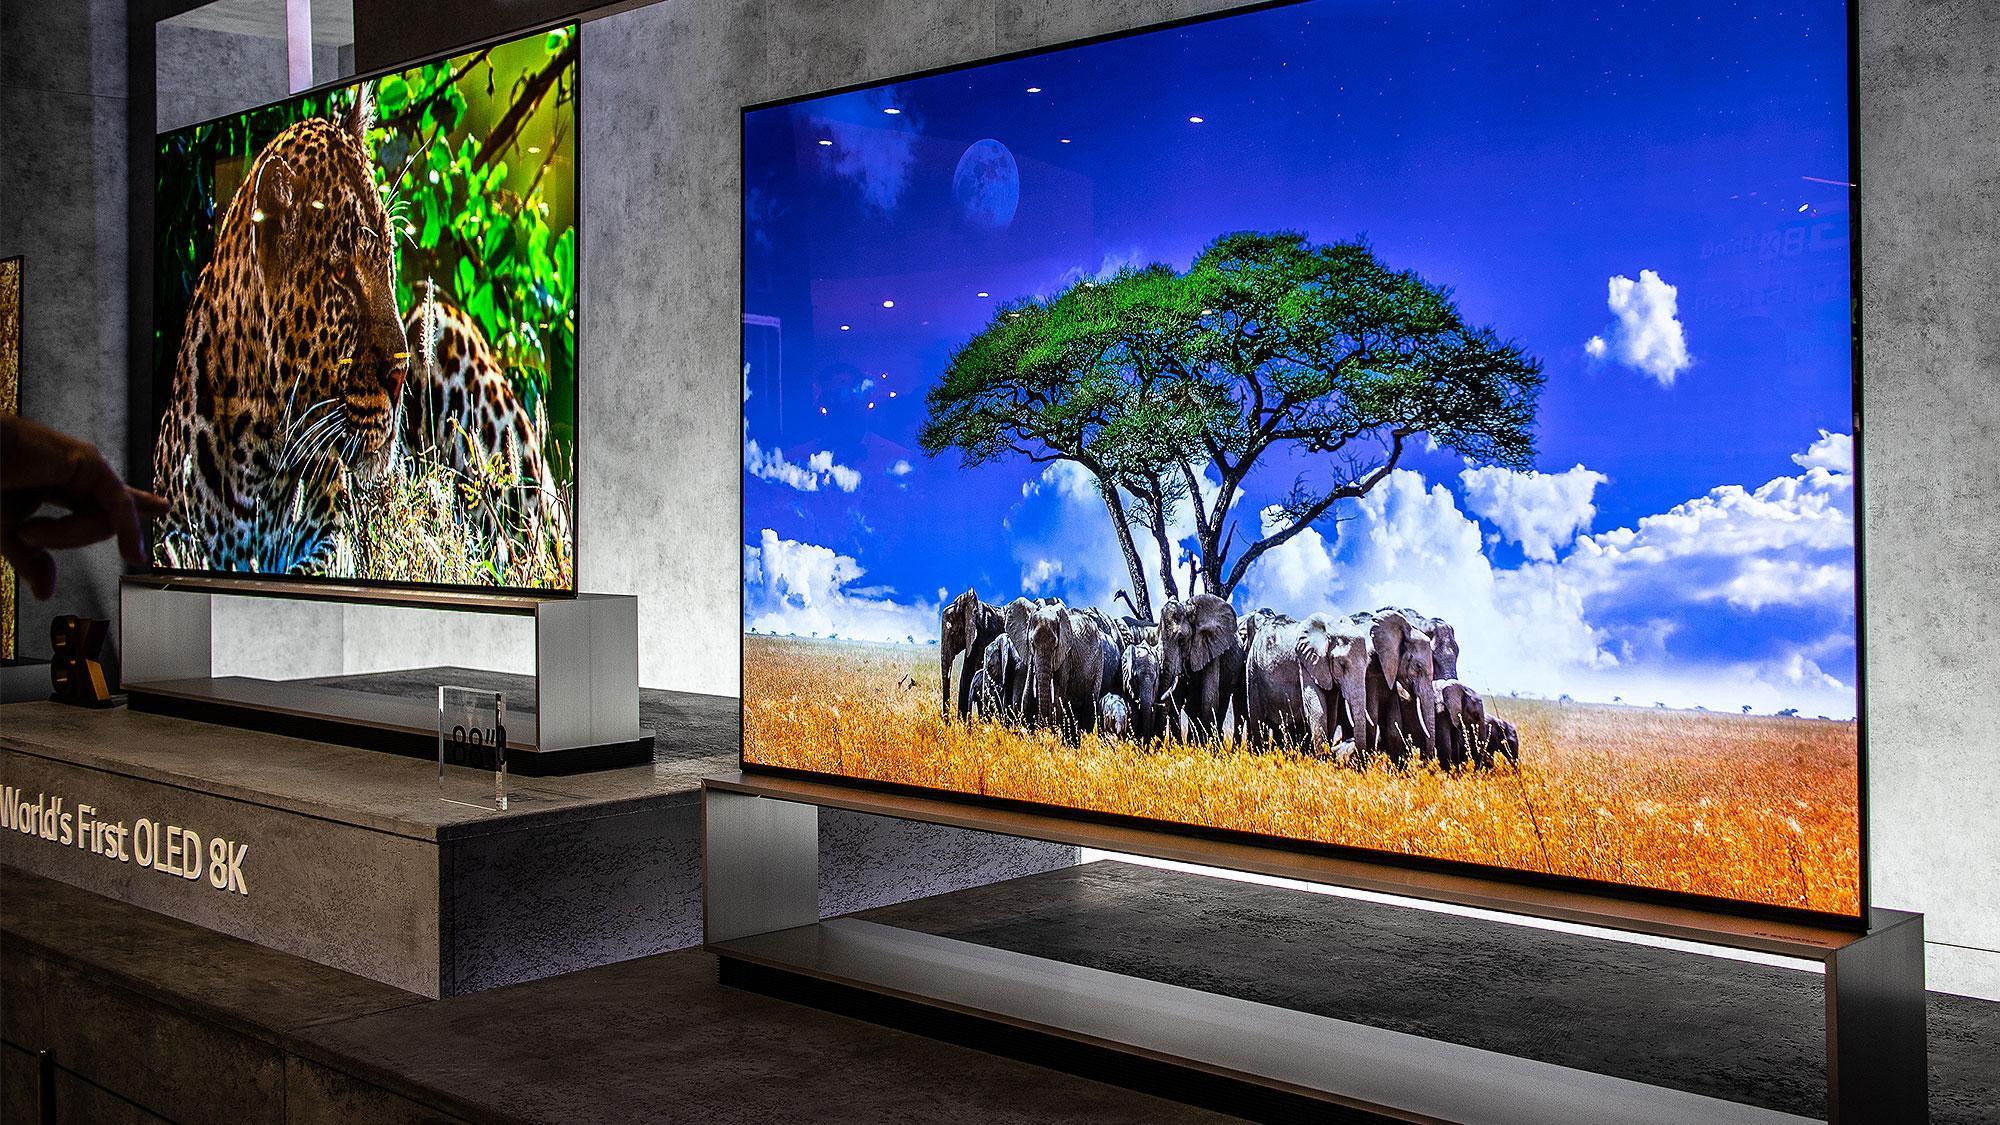 Как выбрать телевизор в 2020 году. Следуйте этим 5 советам, иначе разочаруетесь